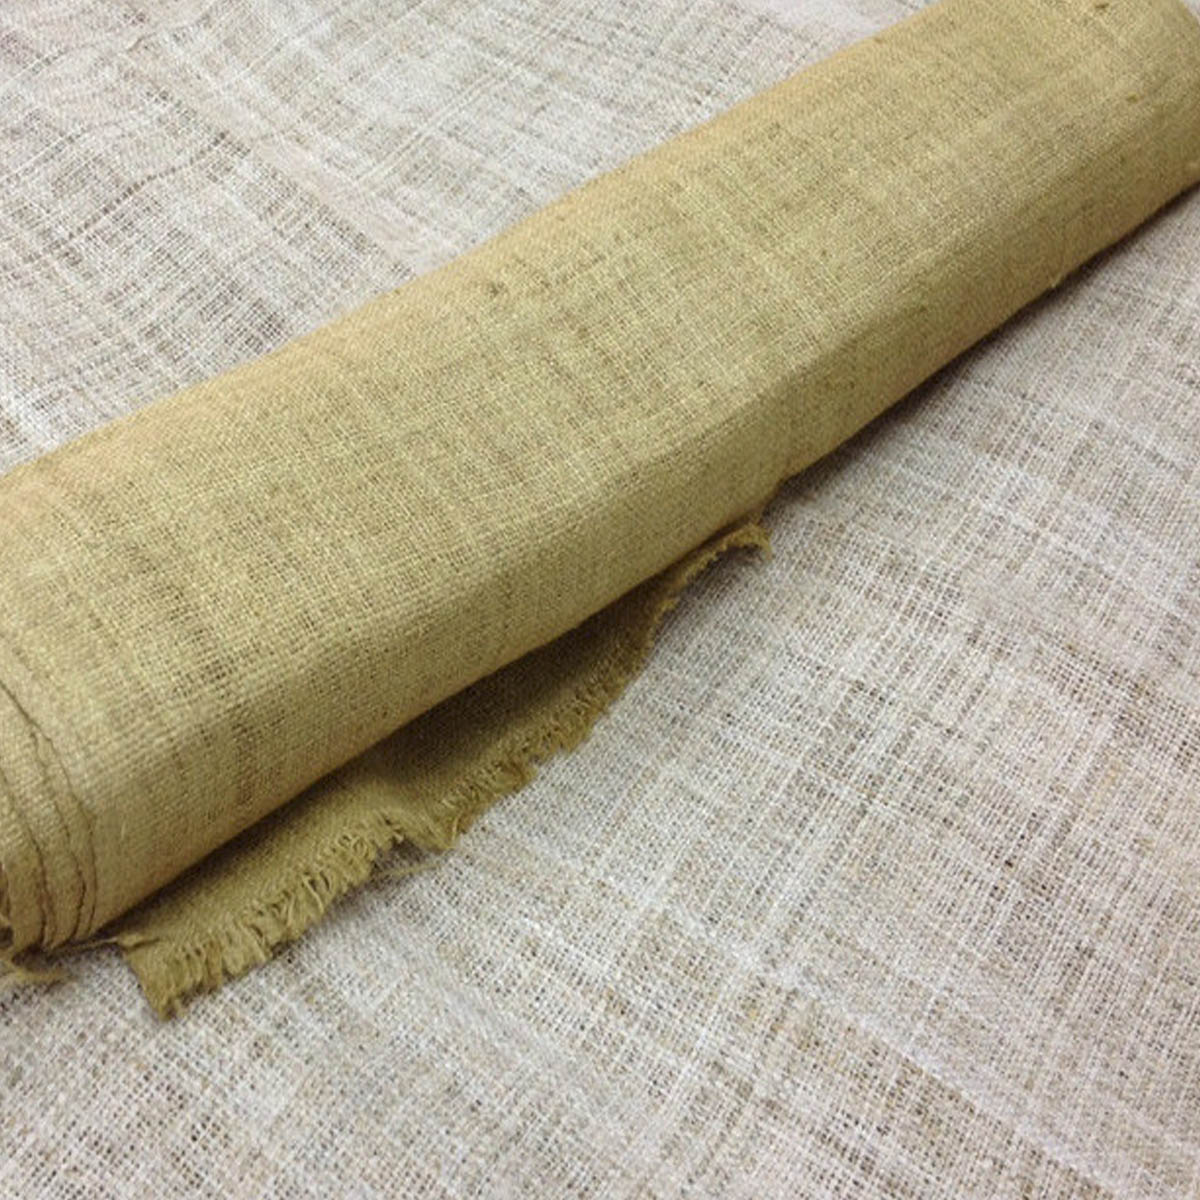 Hemp fabric wholesale export 100 hemp from chiang mai for Cheap fabric material